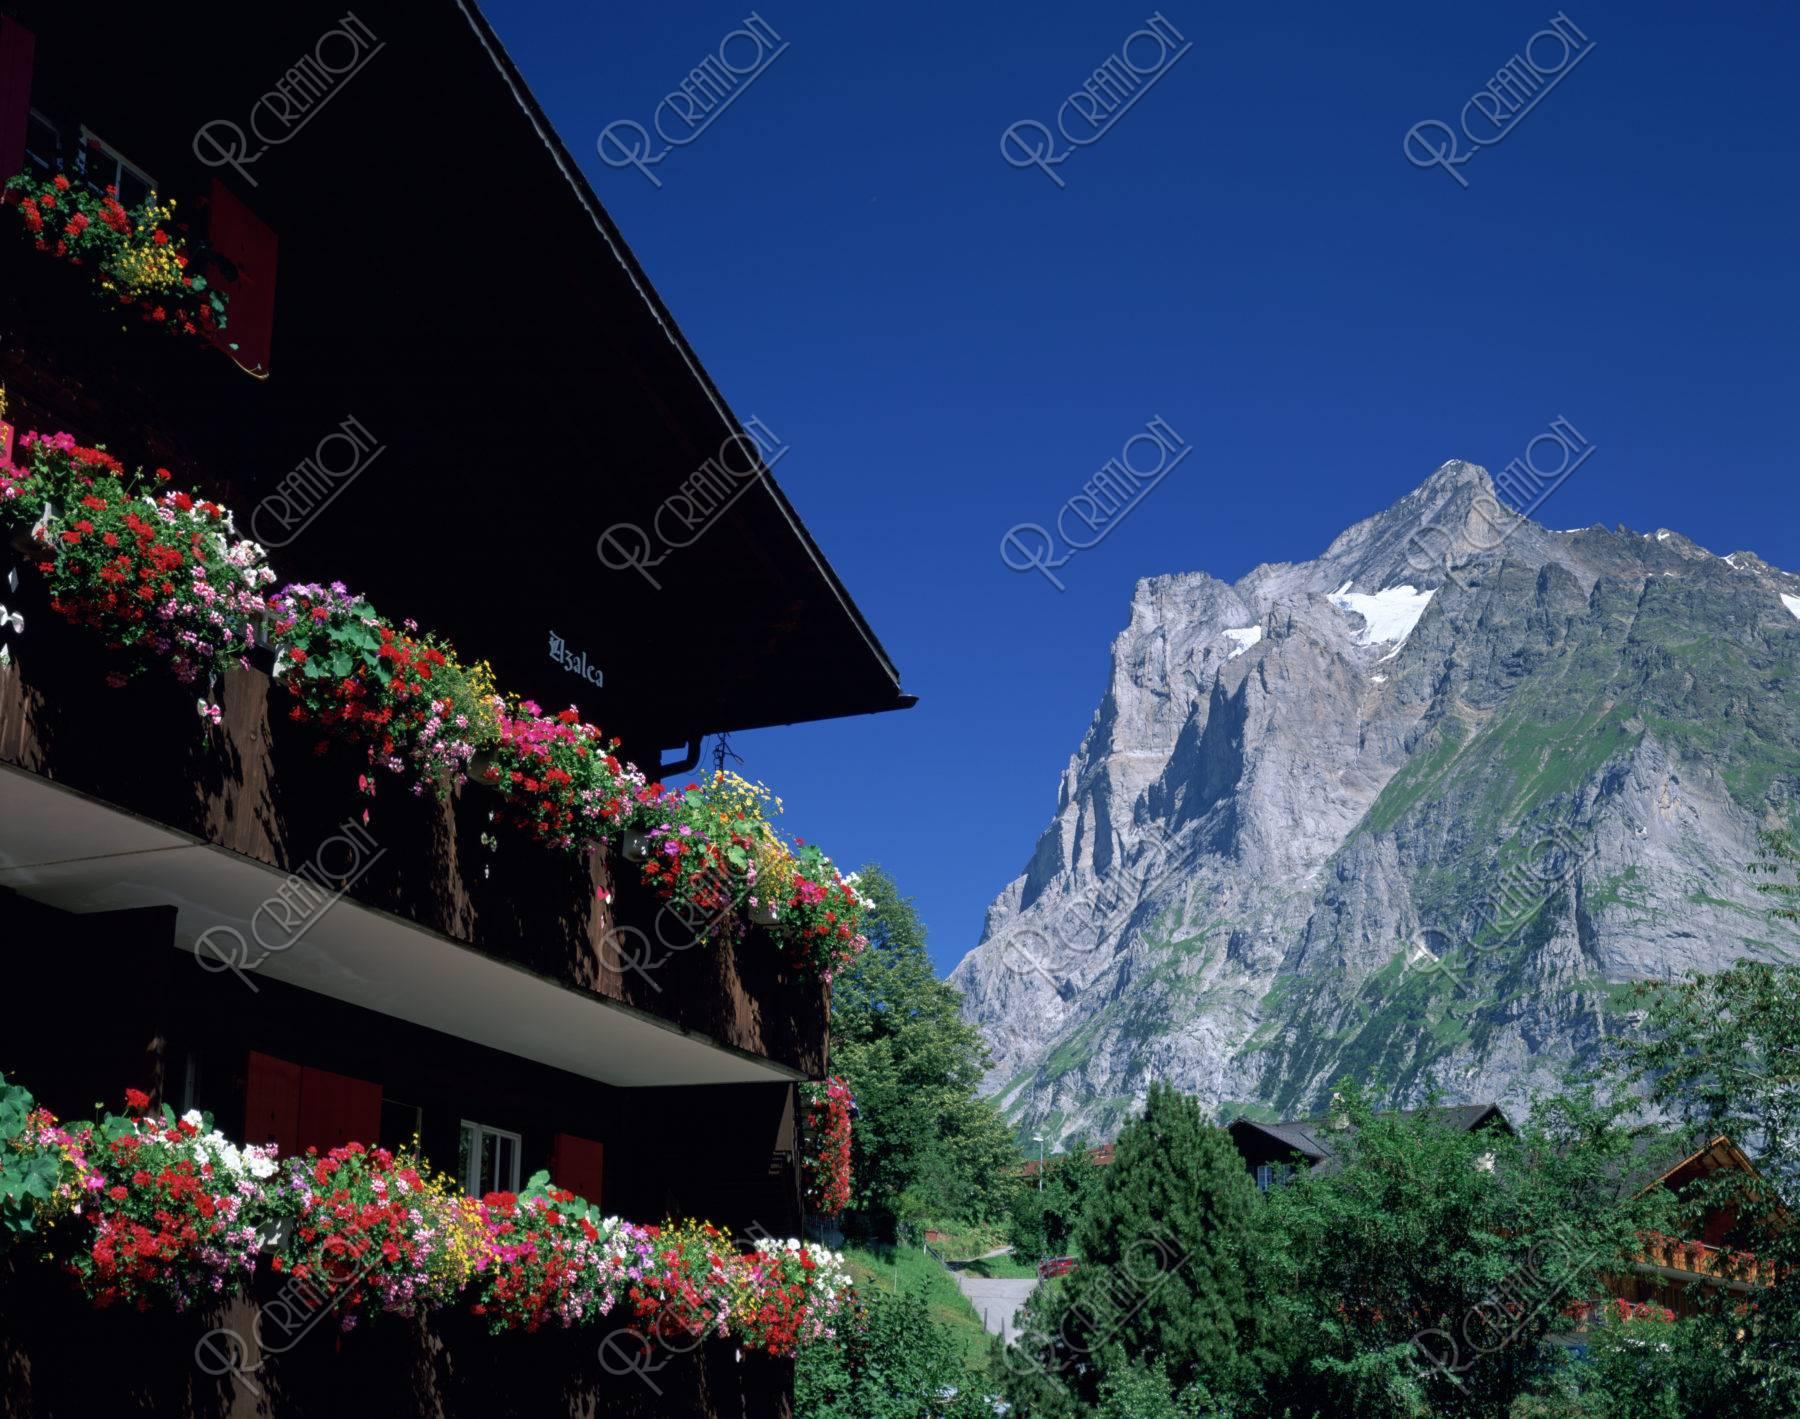 花飾りのある家と山